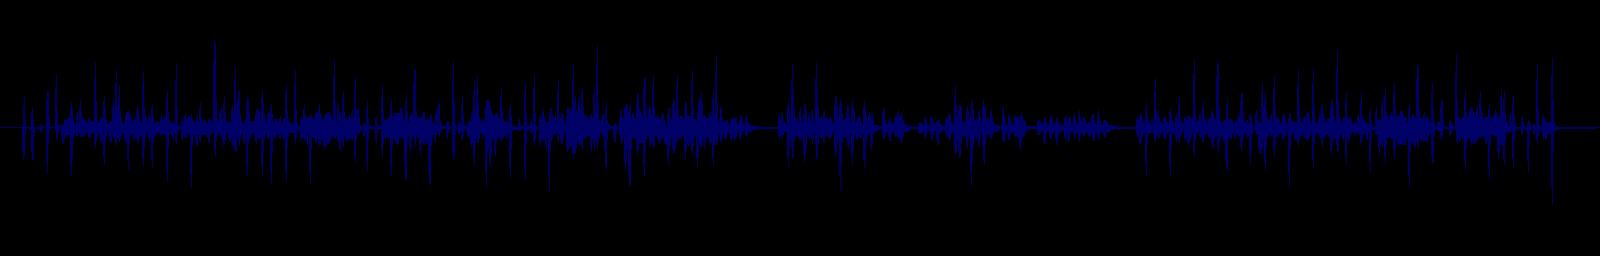 waveform of track #139800